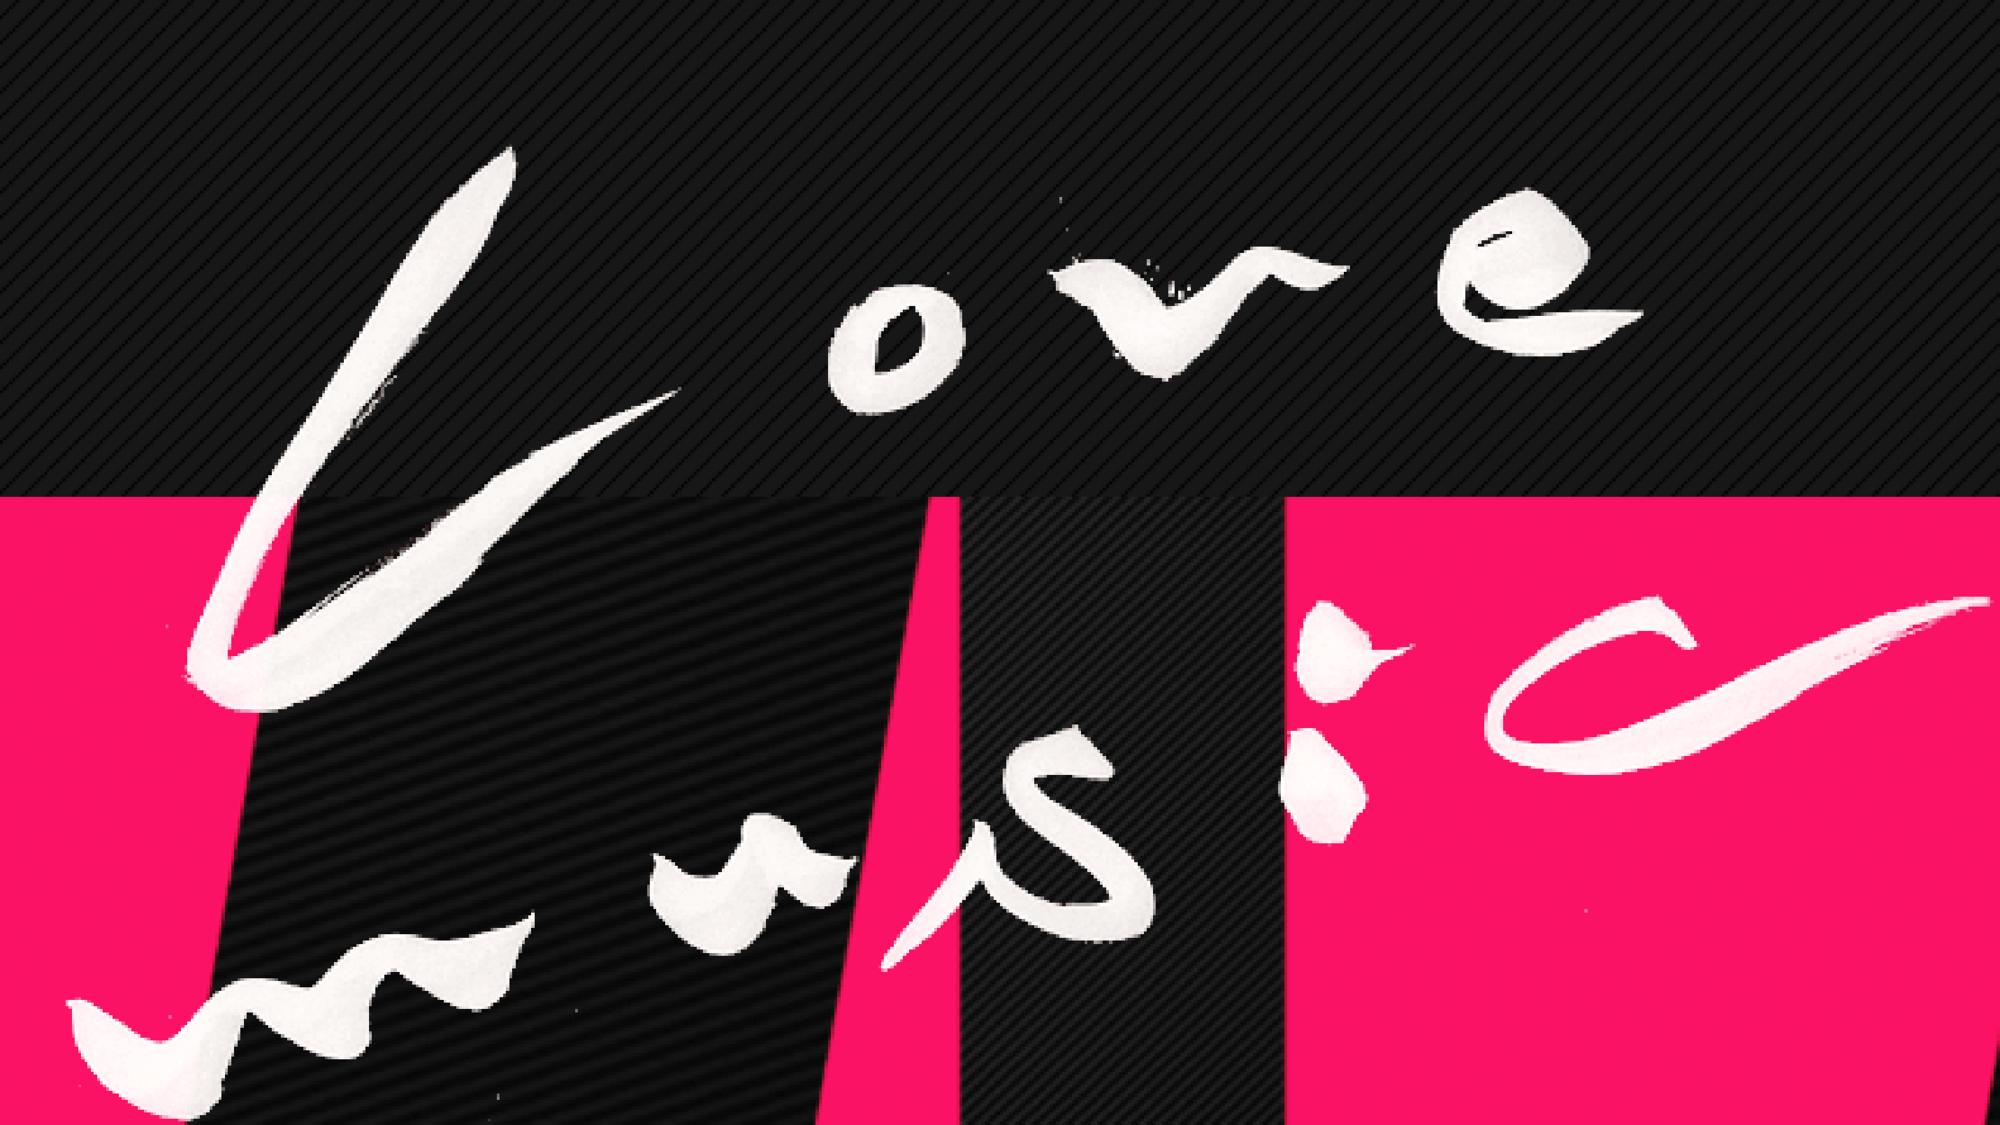 サニーデイ・サービスが「Love music」に出演します